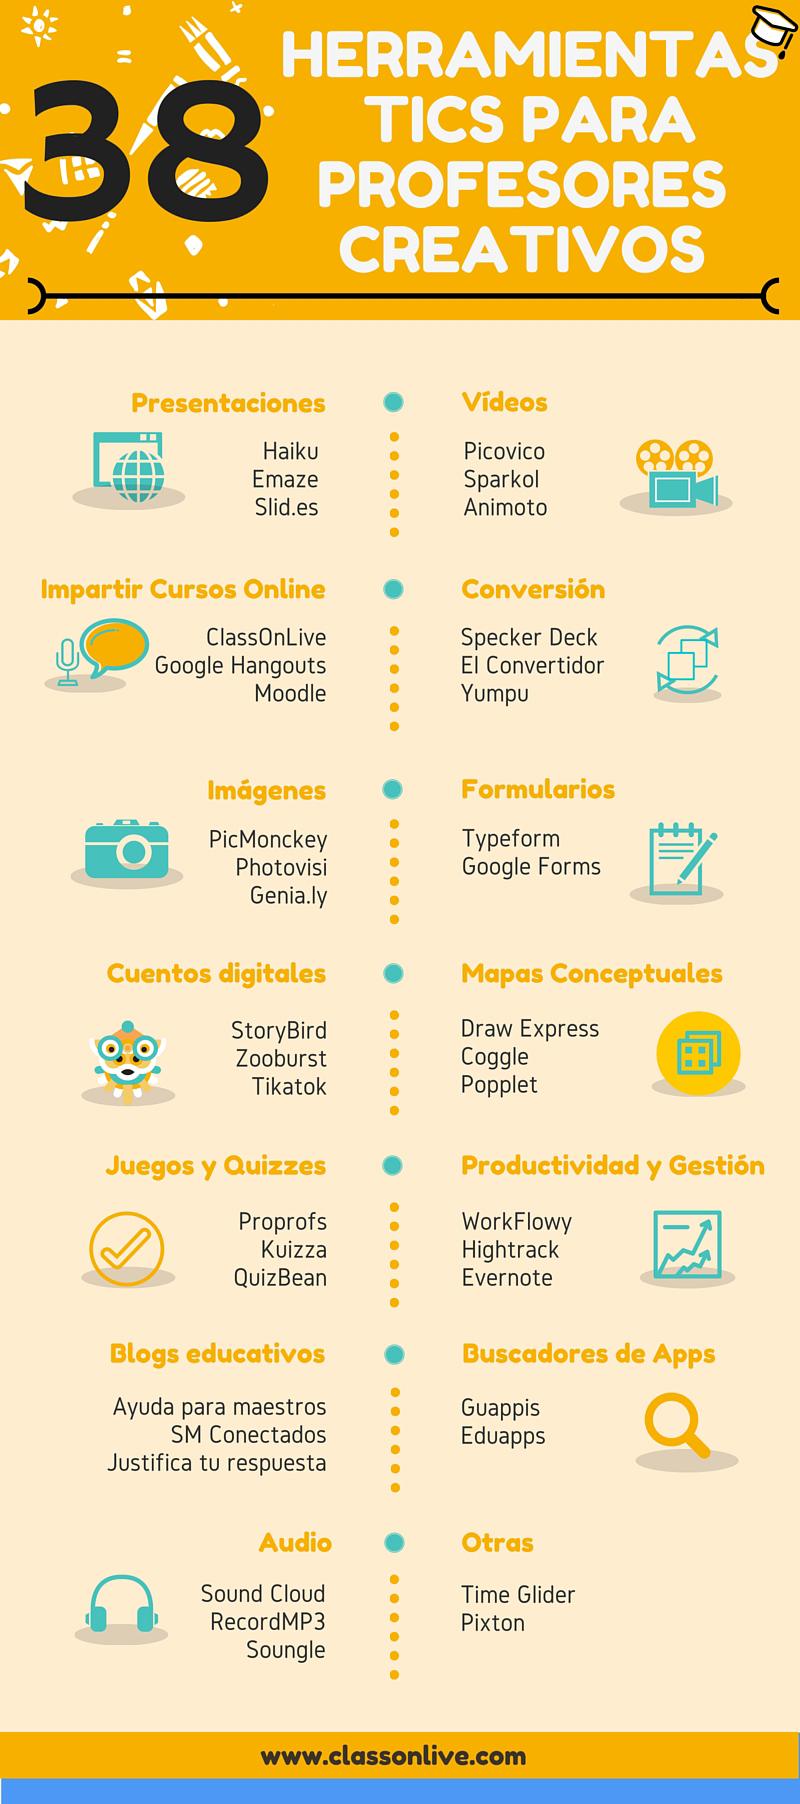 38 herramientas TIC para profesores creativos